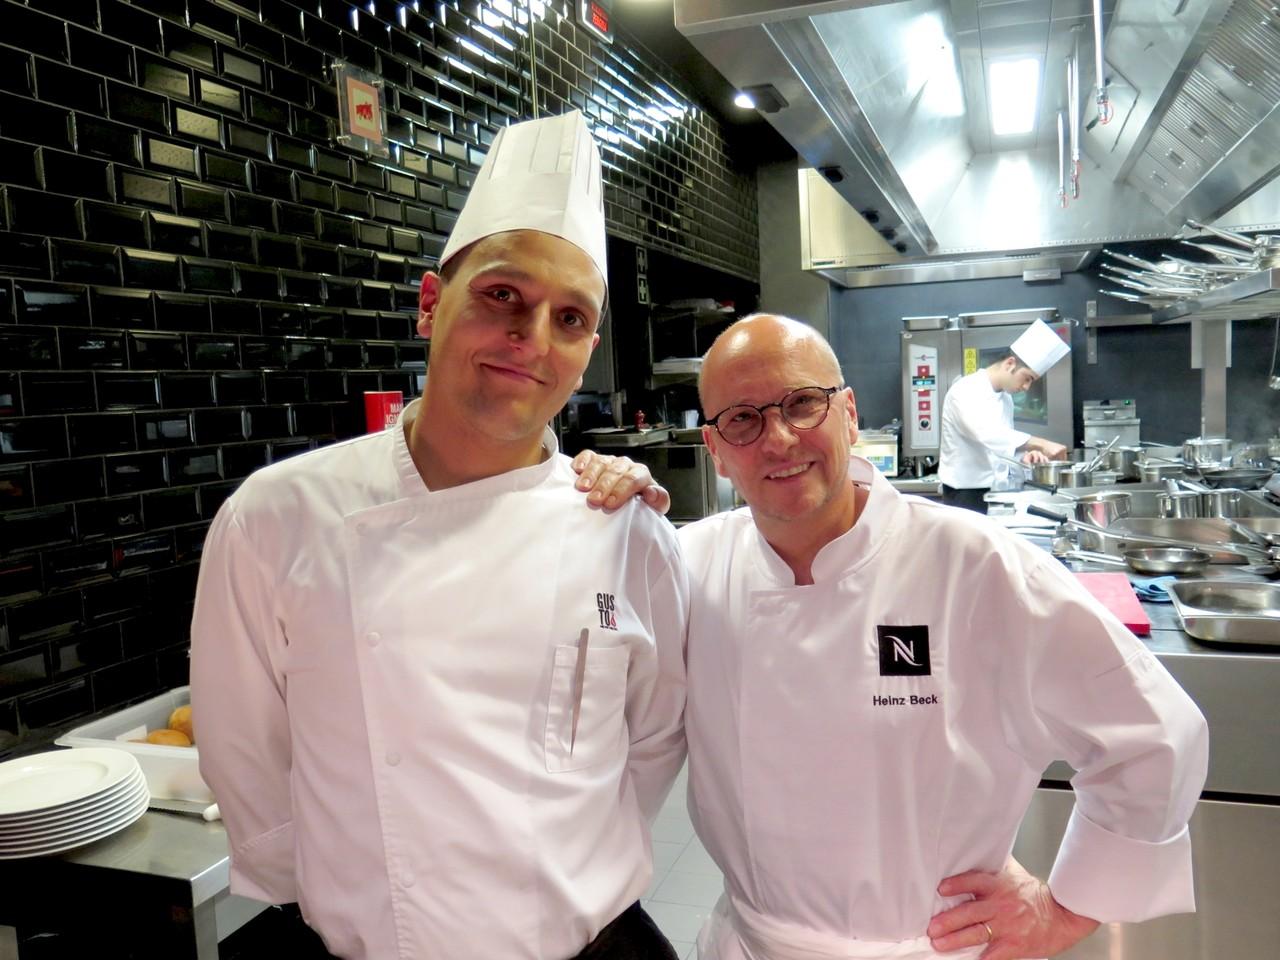 Chef pasteleiro Giacomo Troisi e Heinz Beck